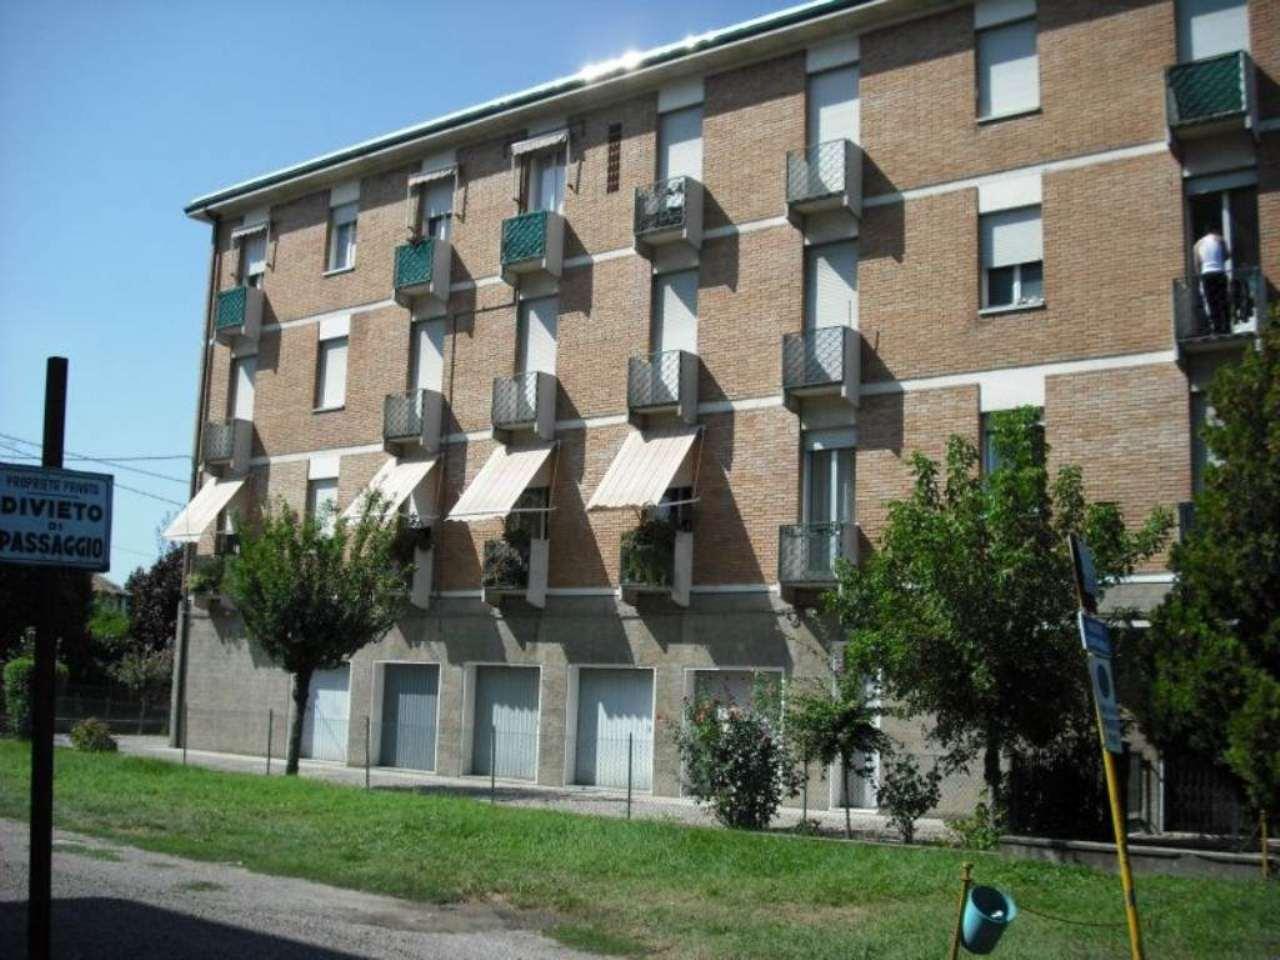 Appartamento in vendita a Crevalcore, 5 locali, prezzo € 115.000 | Cambio Casa.it